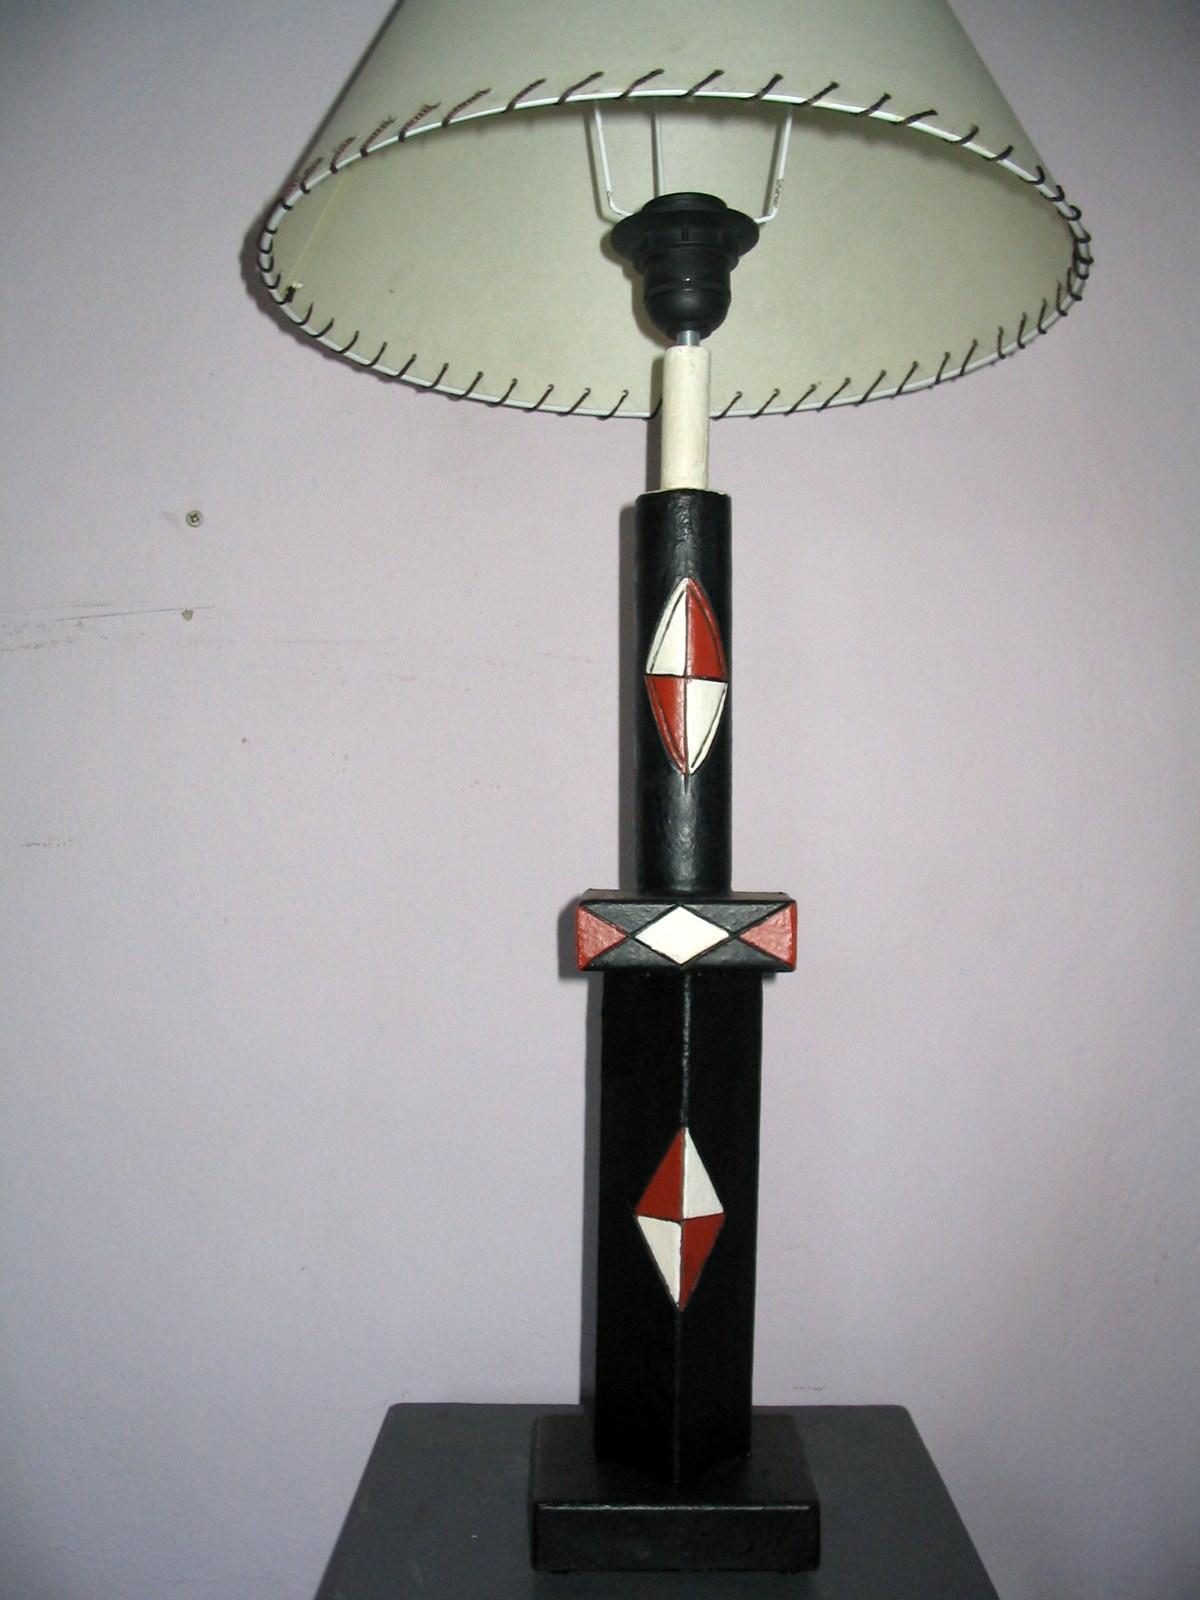 [lamparas+nuevas+y+escalera+manolo+diaz+008.jpg]